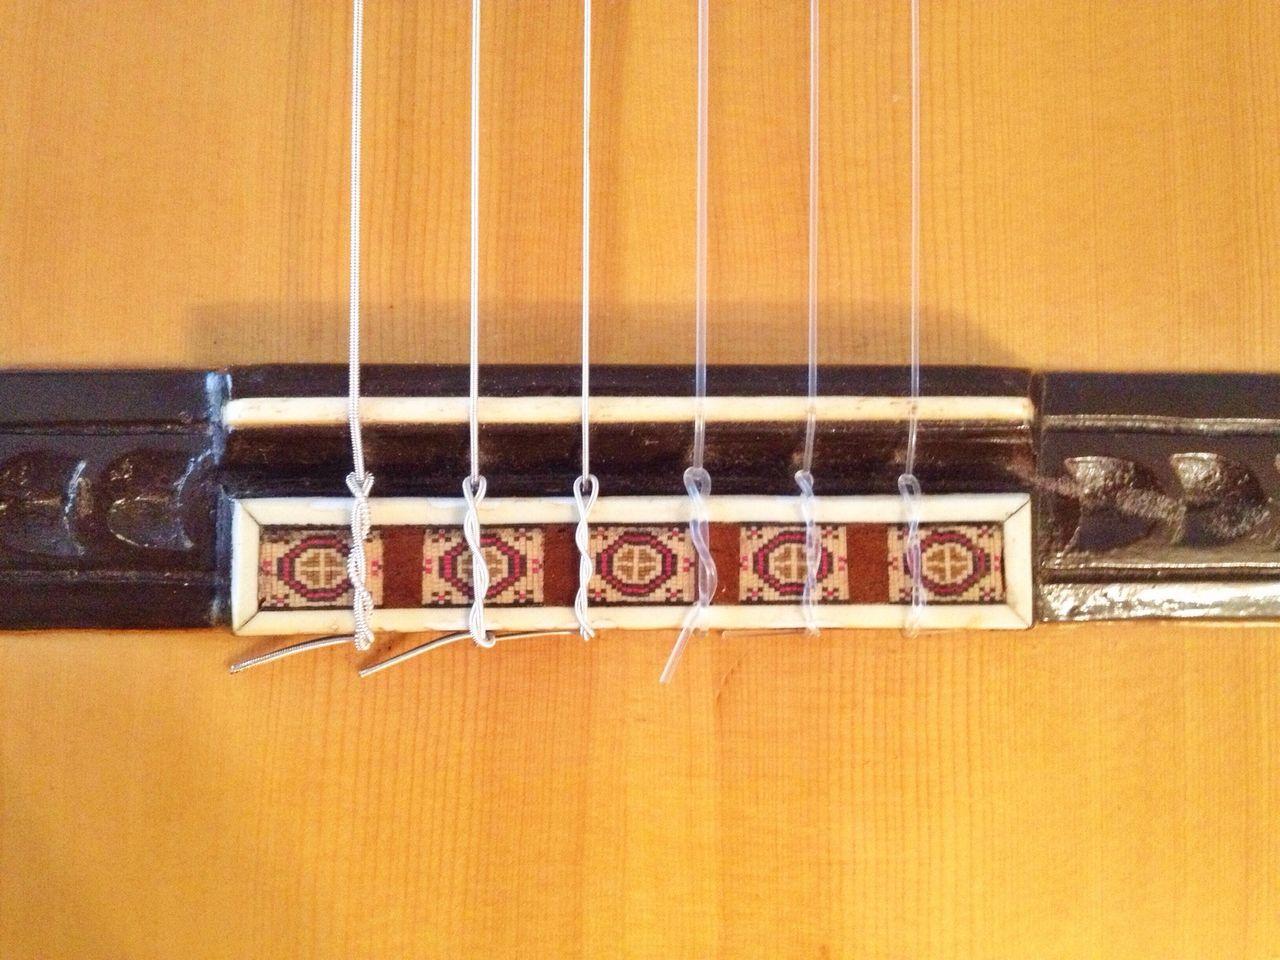 Beautiful stock photos of guitar, Day, Extreme Close Up, Guitar, Indoors